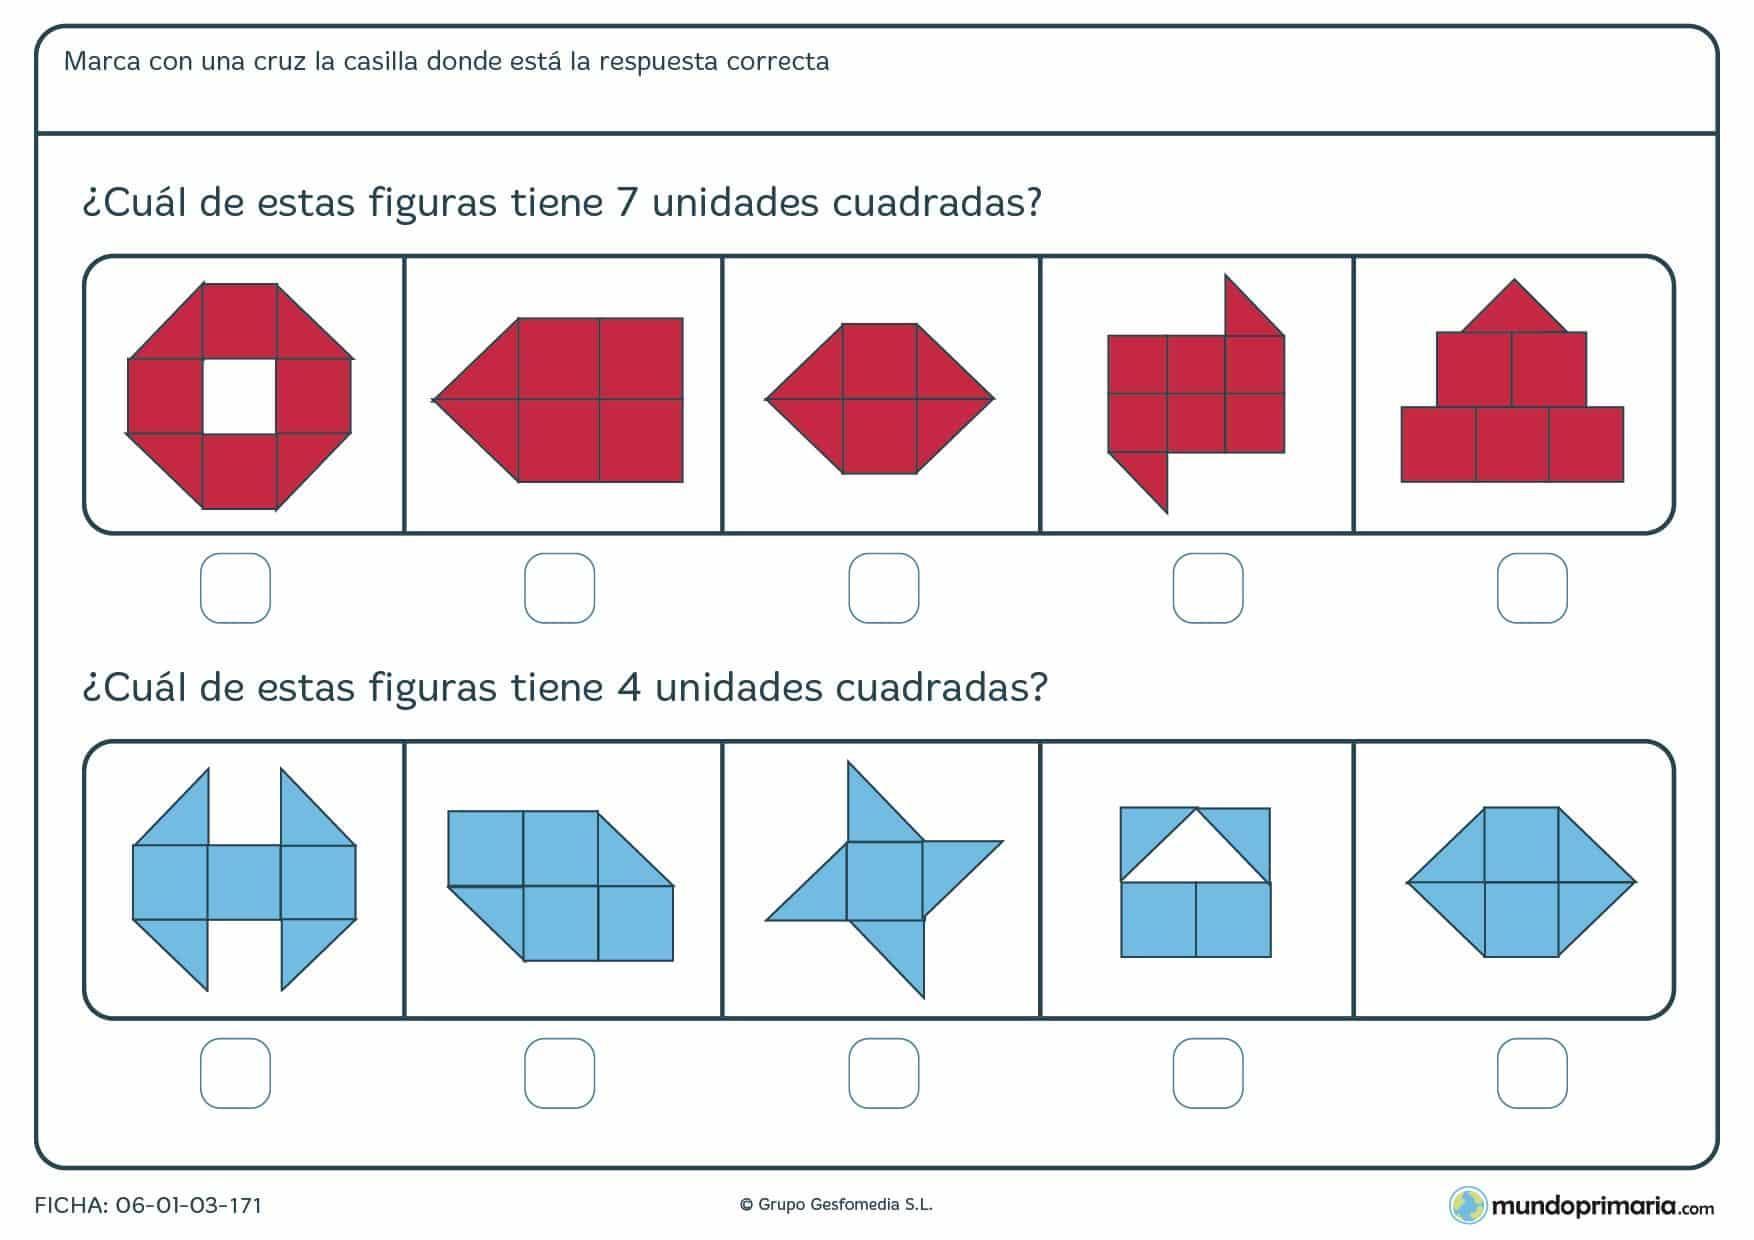 Ficha de sumar unidades cuadradas para marcar la respuesta sobre el total que te da esa suma.